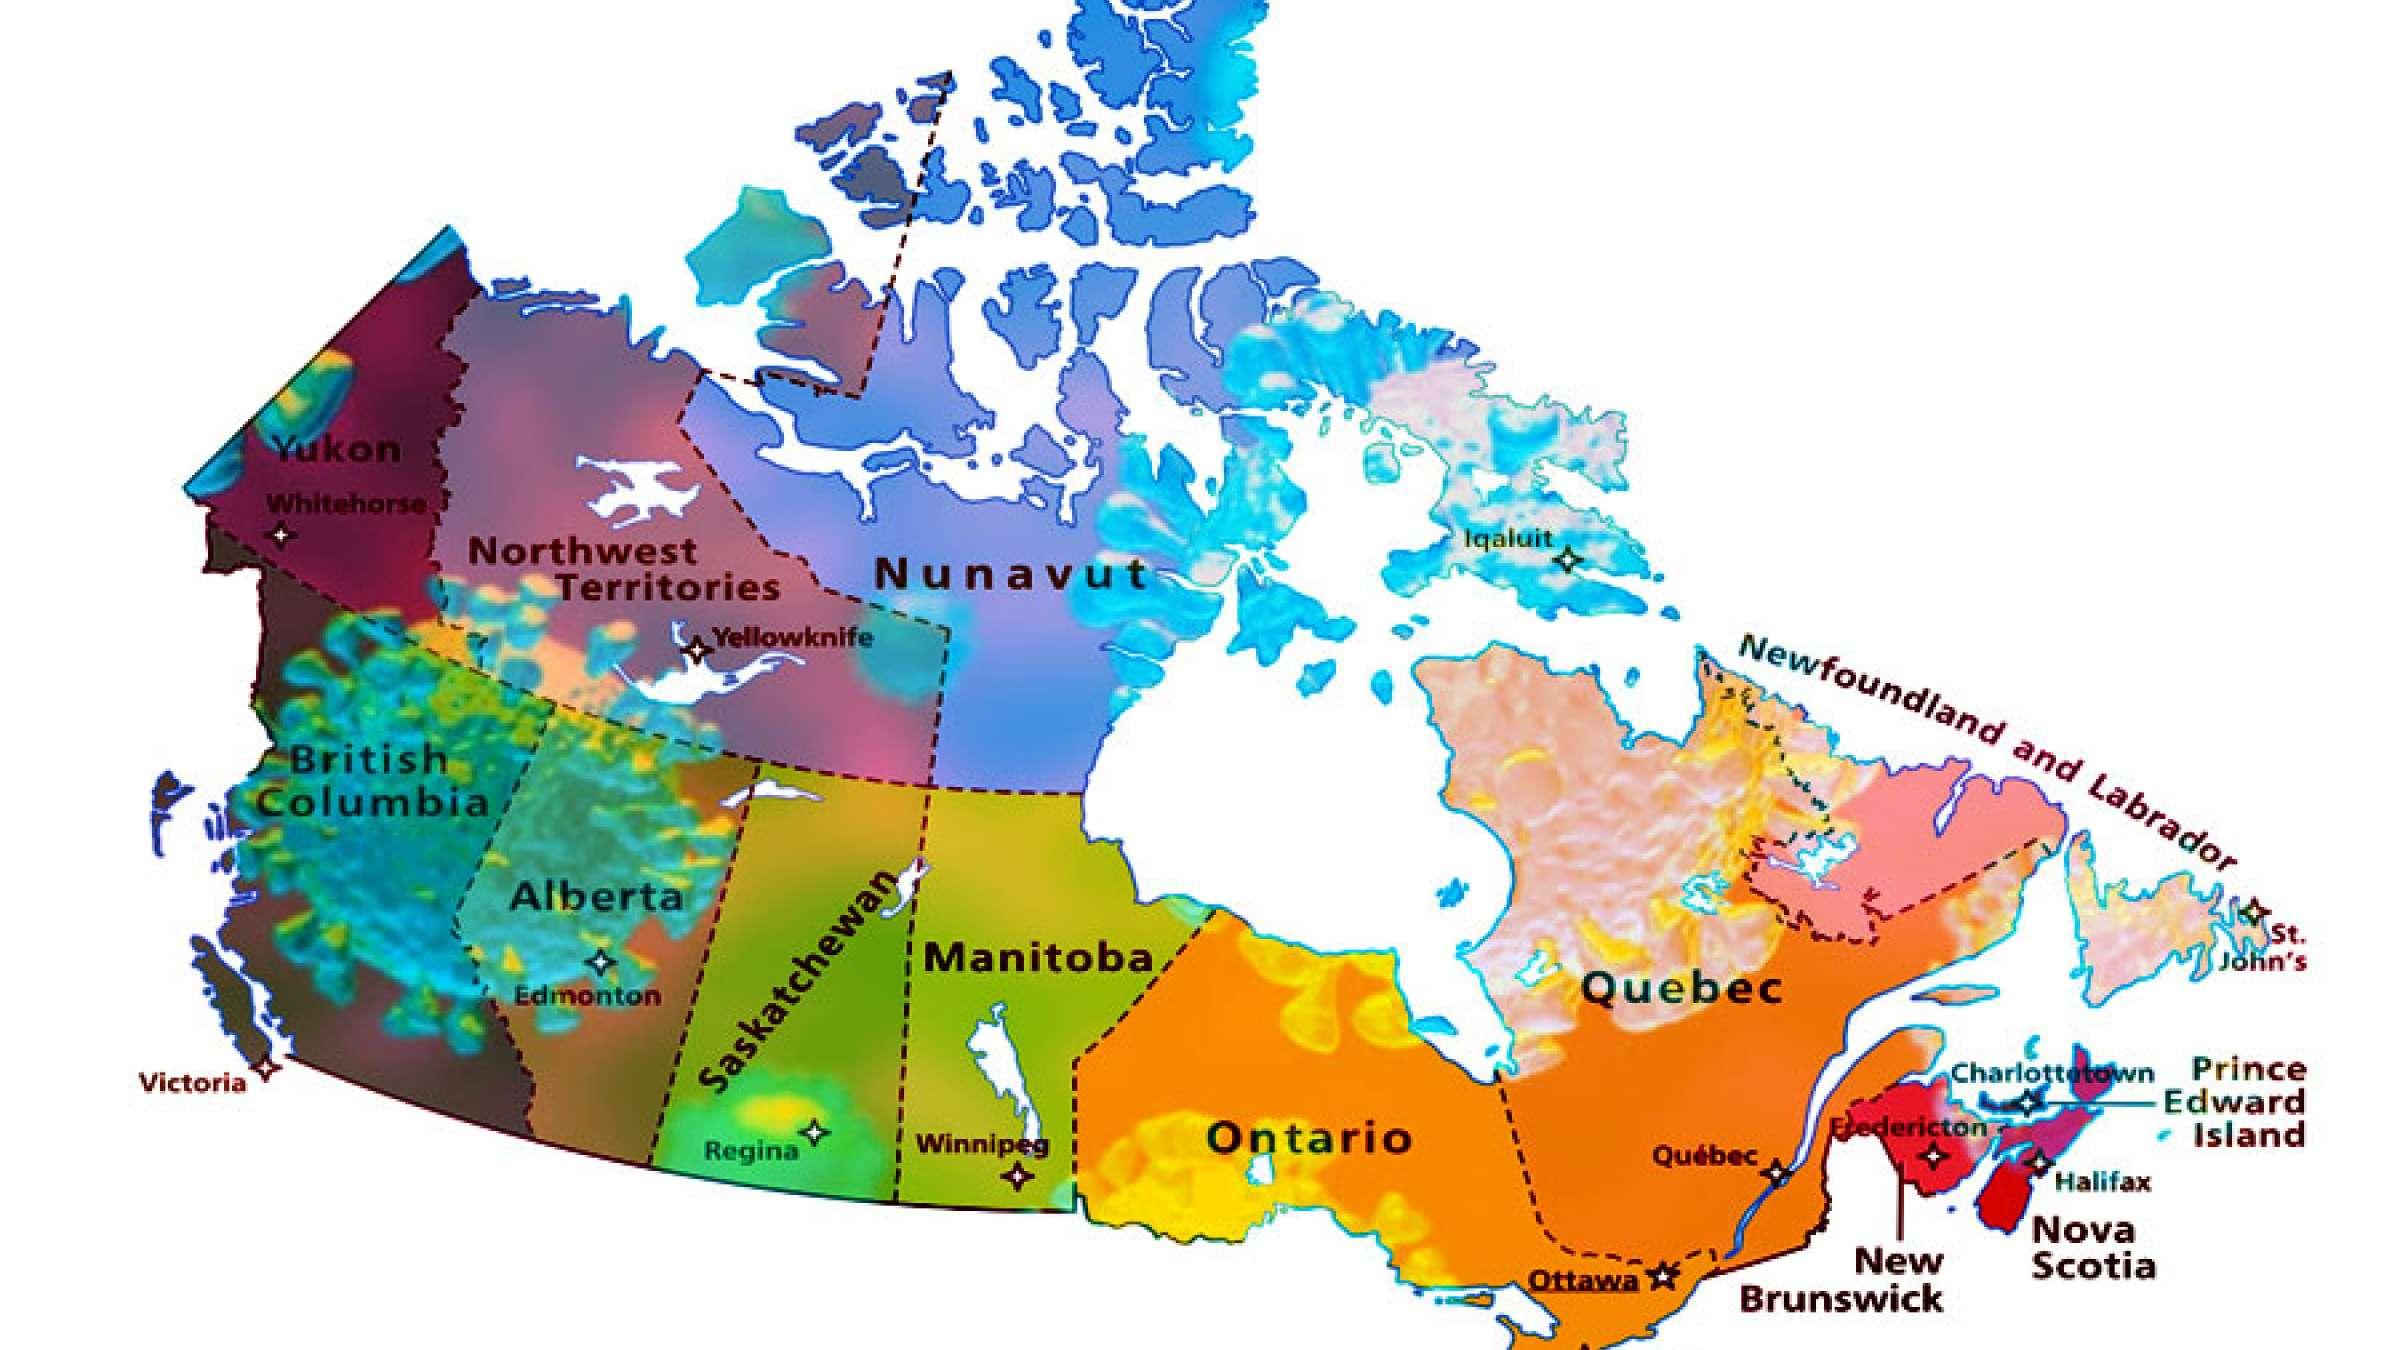 اخبار-کانادا-وزارت-بهداشت-کانادا-اگر-فکر-کردیم-کرونا-گرفتیم-چه-باید-بکنیم